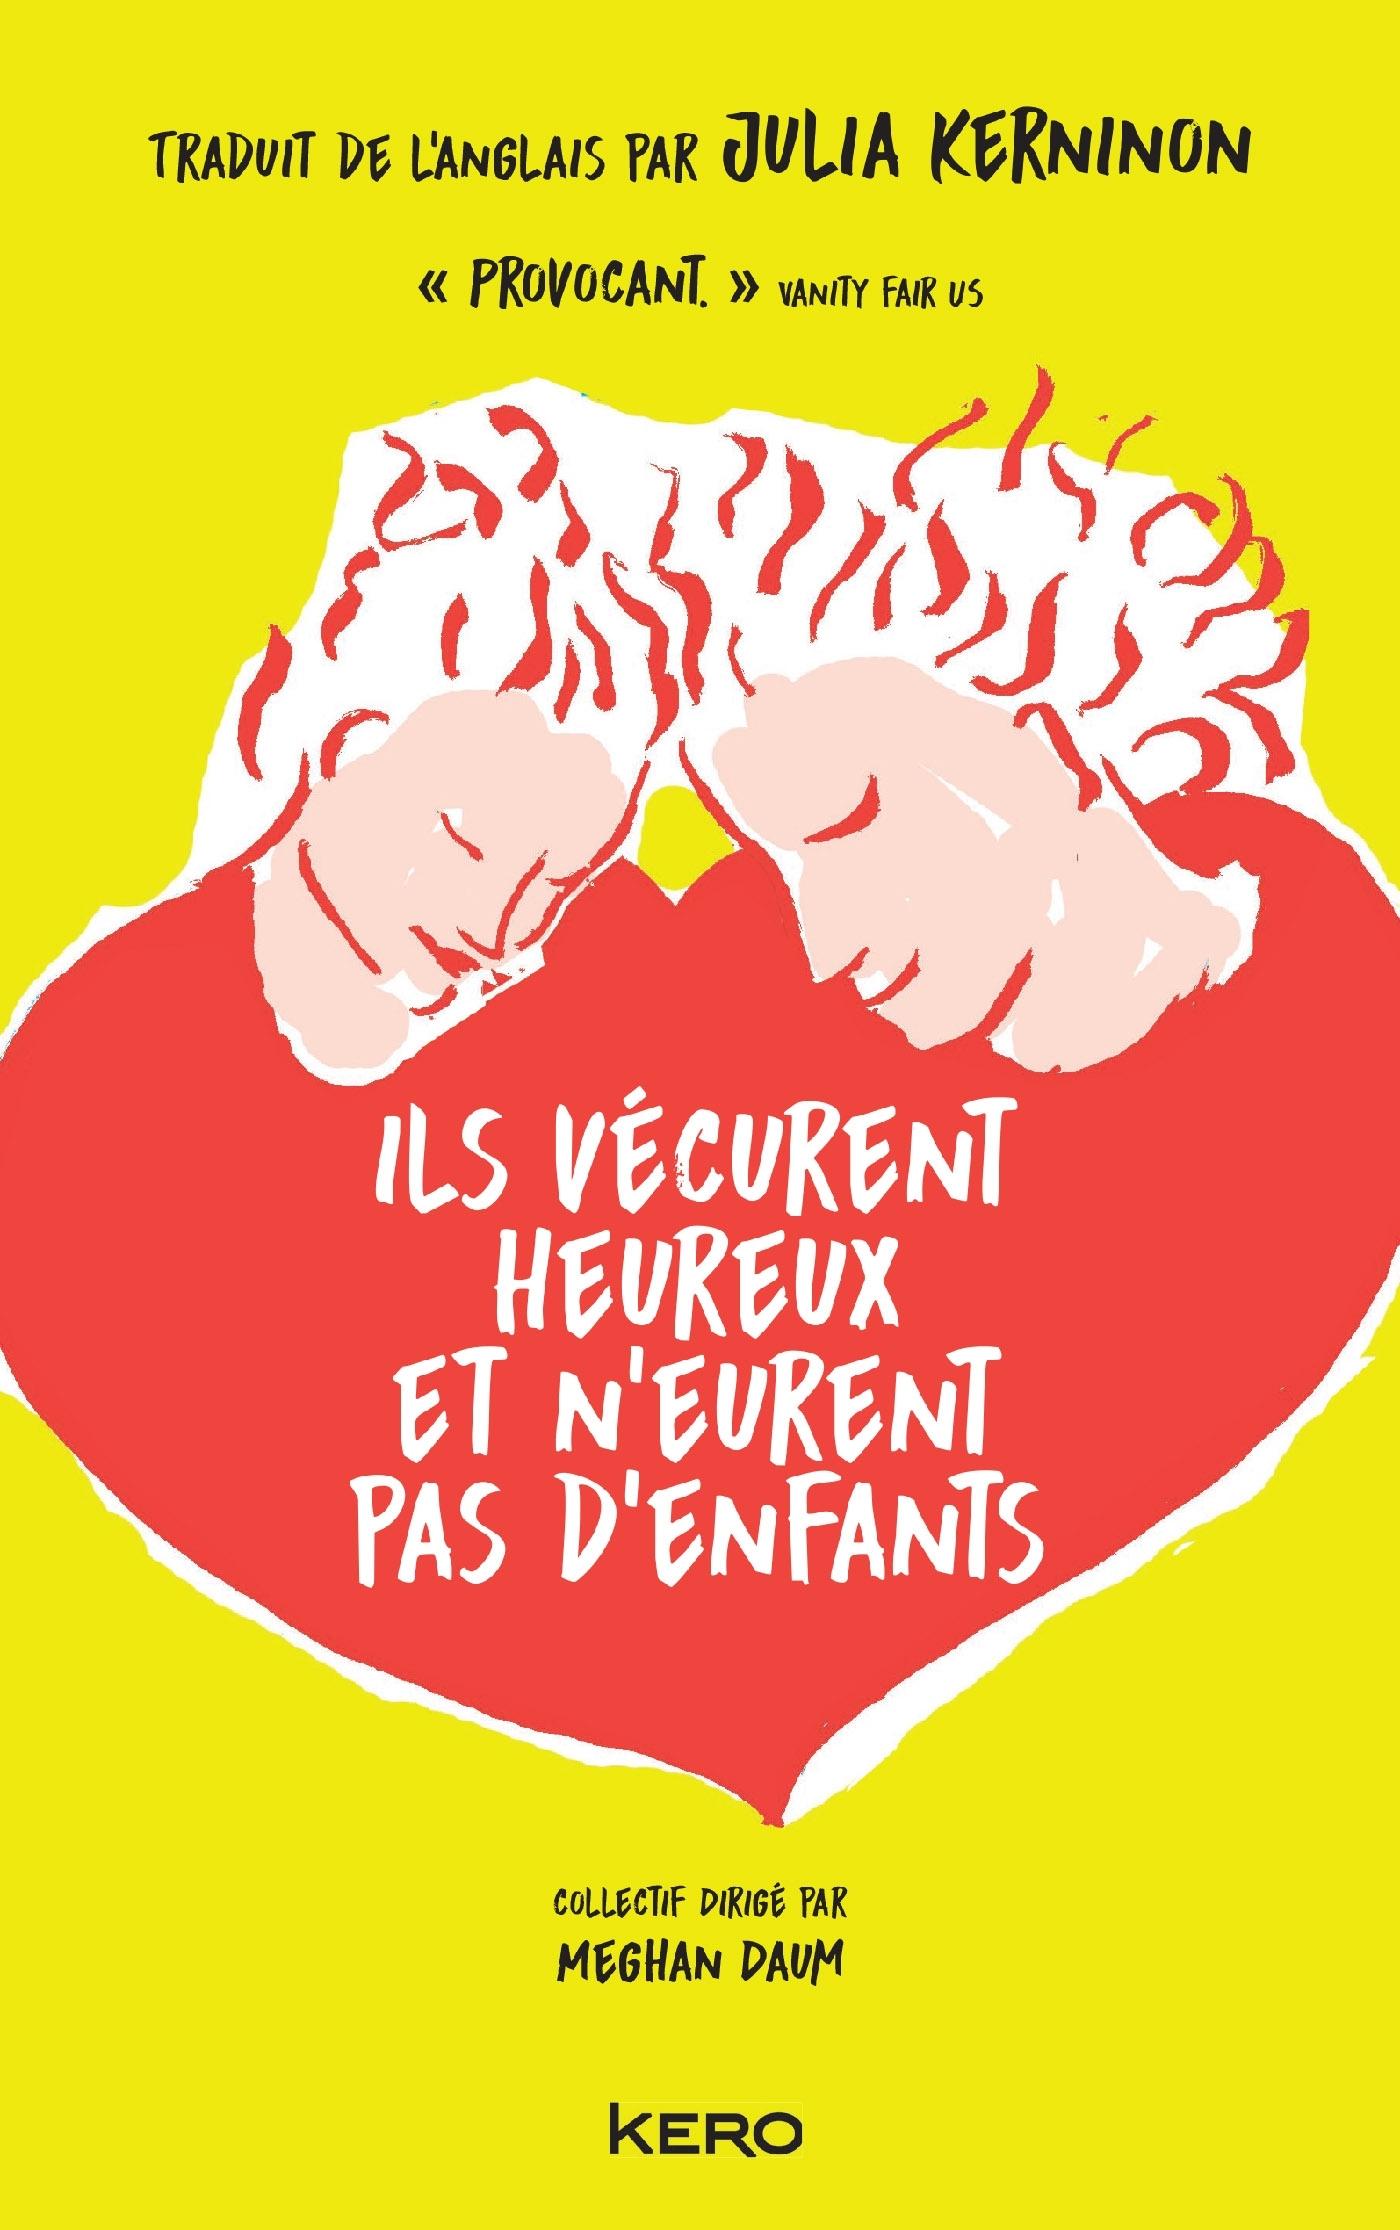 ILS VECURENT HEUREUX ET N'EURENT PAS D'ENFANTS